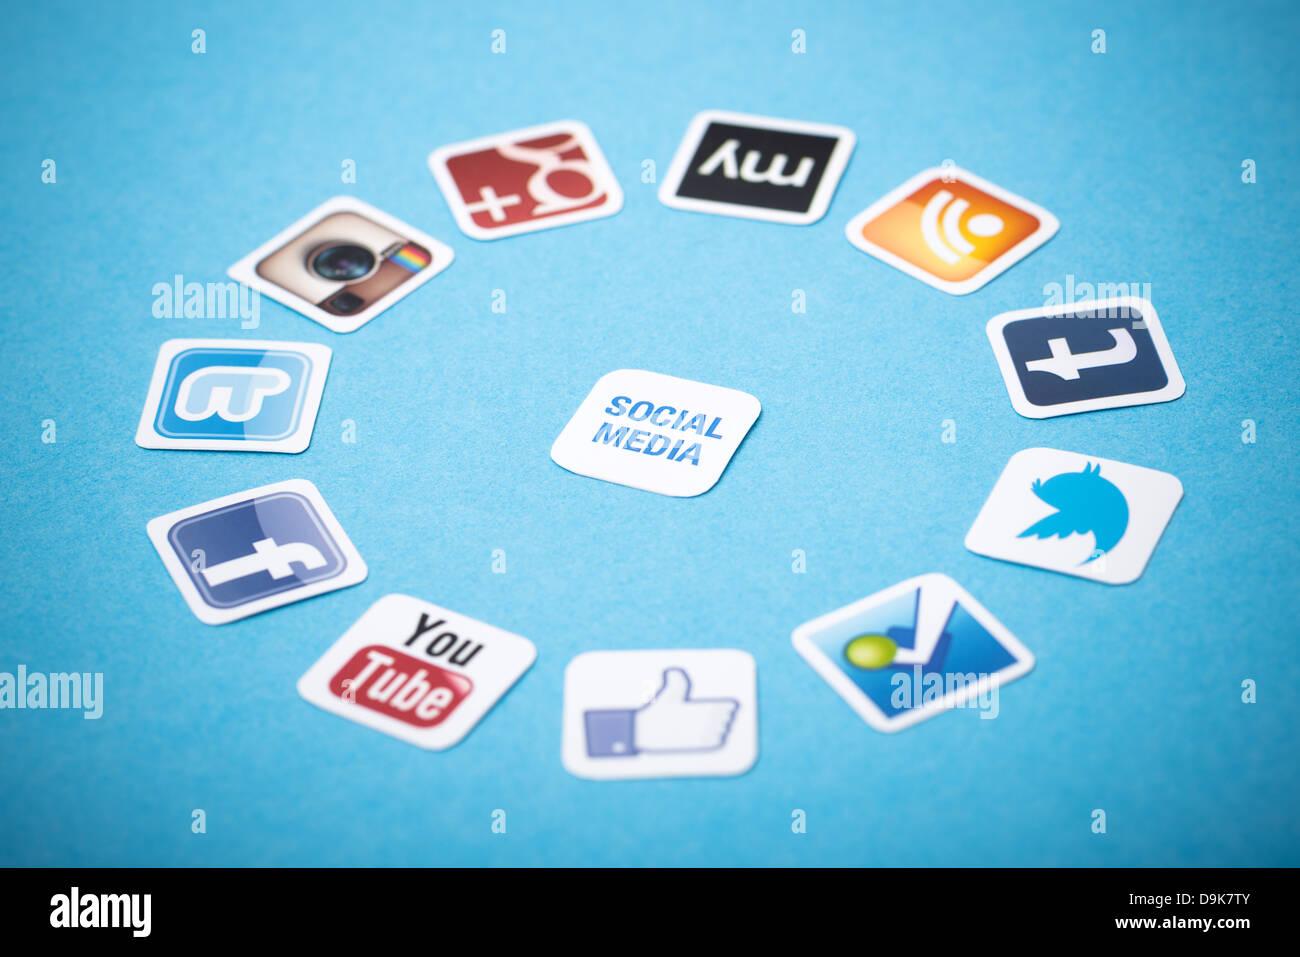 Un logotype collection de médias sociaux bien connues marques imprimées sur du papier et placés sur Photo Stock